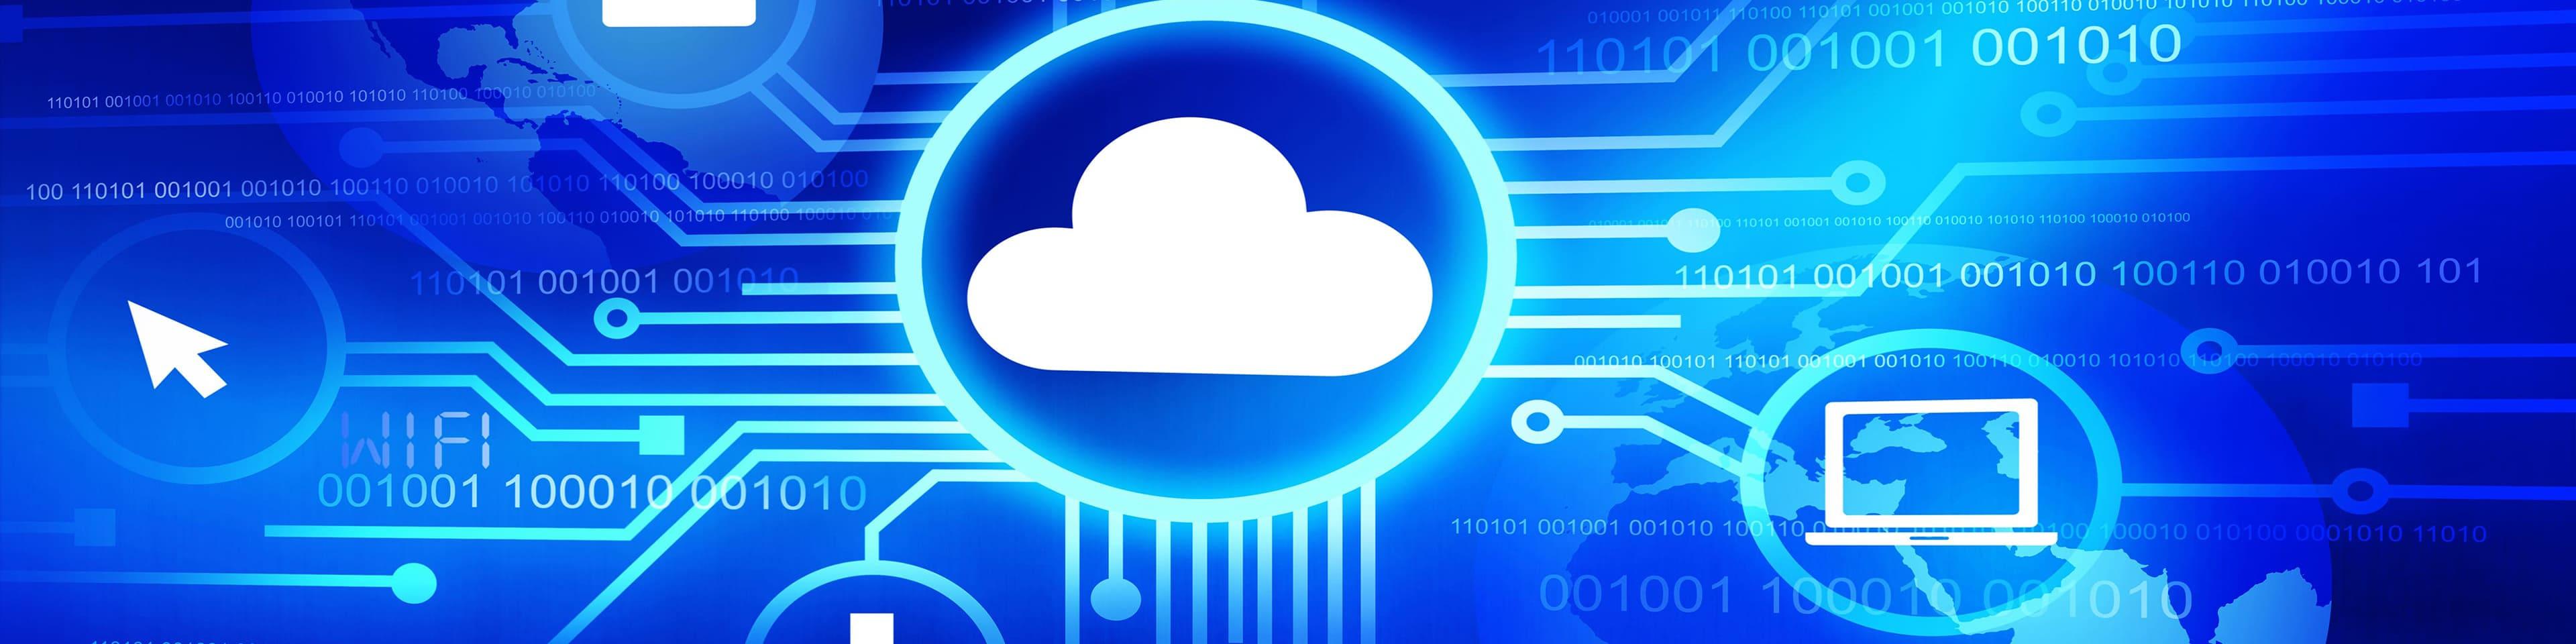 Technologisch cloud computing scherm dat werken in de cloud impliceert